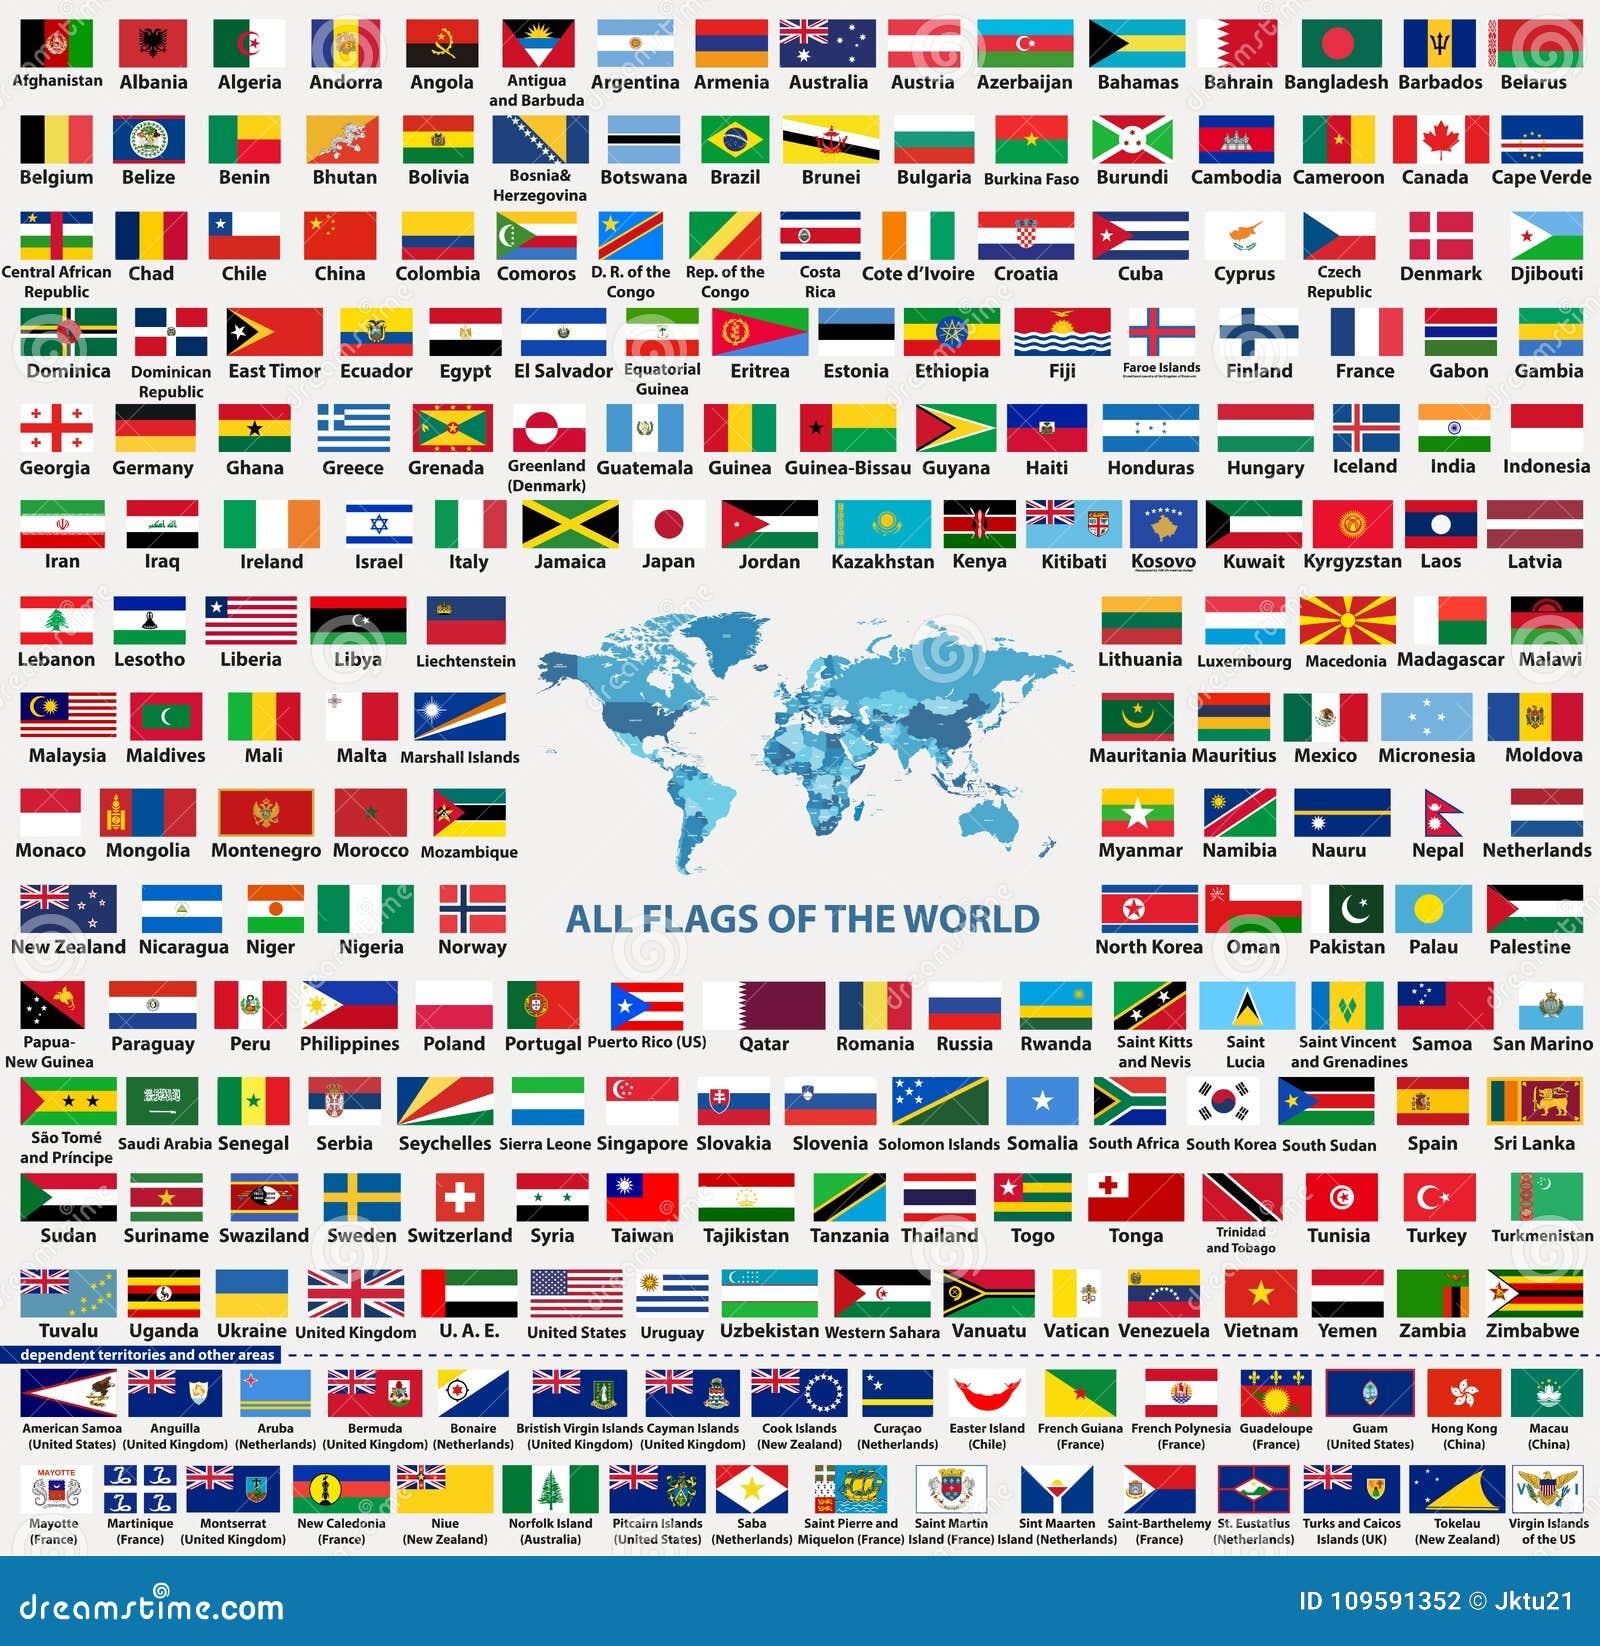 Petrodollars Outre Monde 2017: Drapeau De Tout Pays Du Globe Et Le Legende» Info